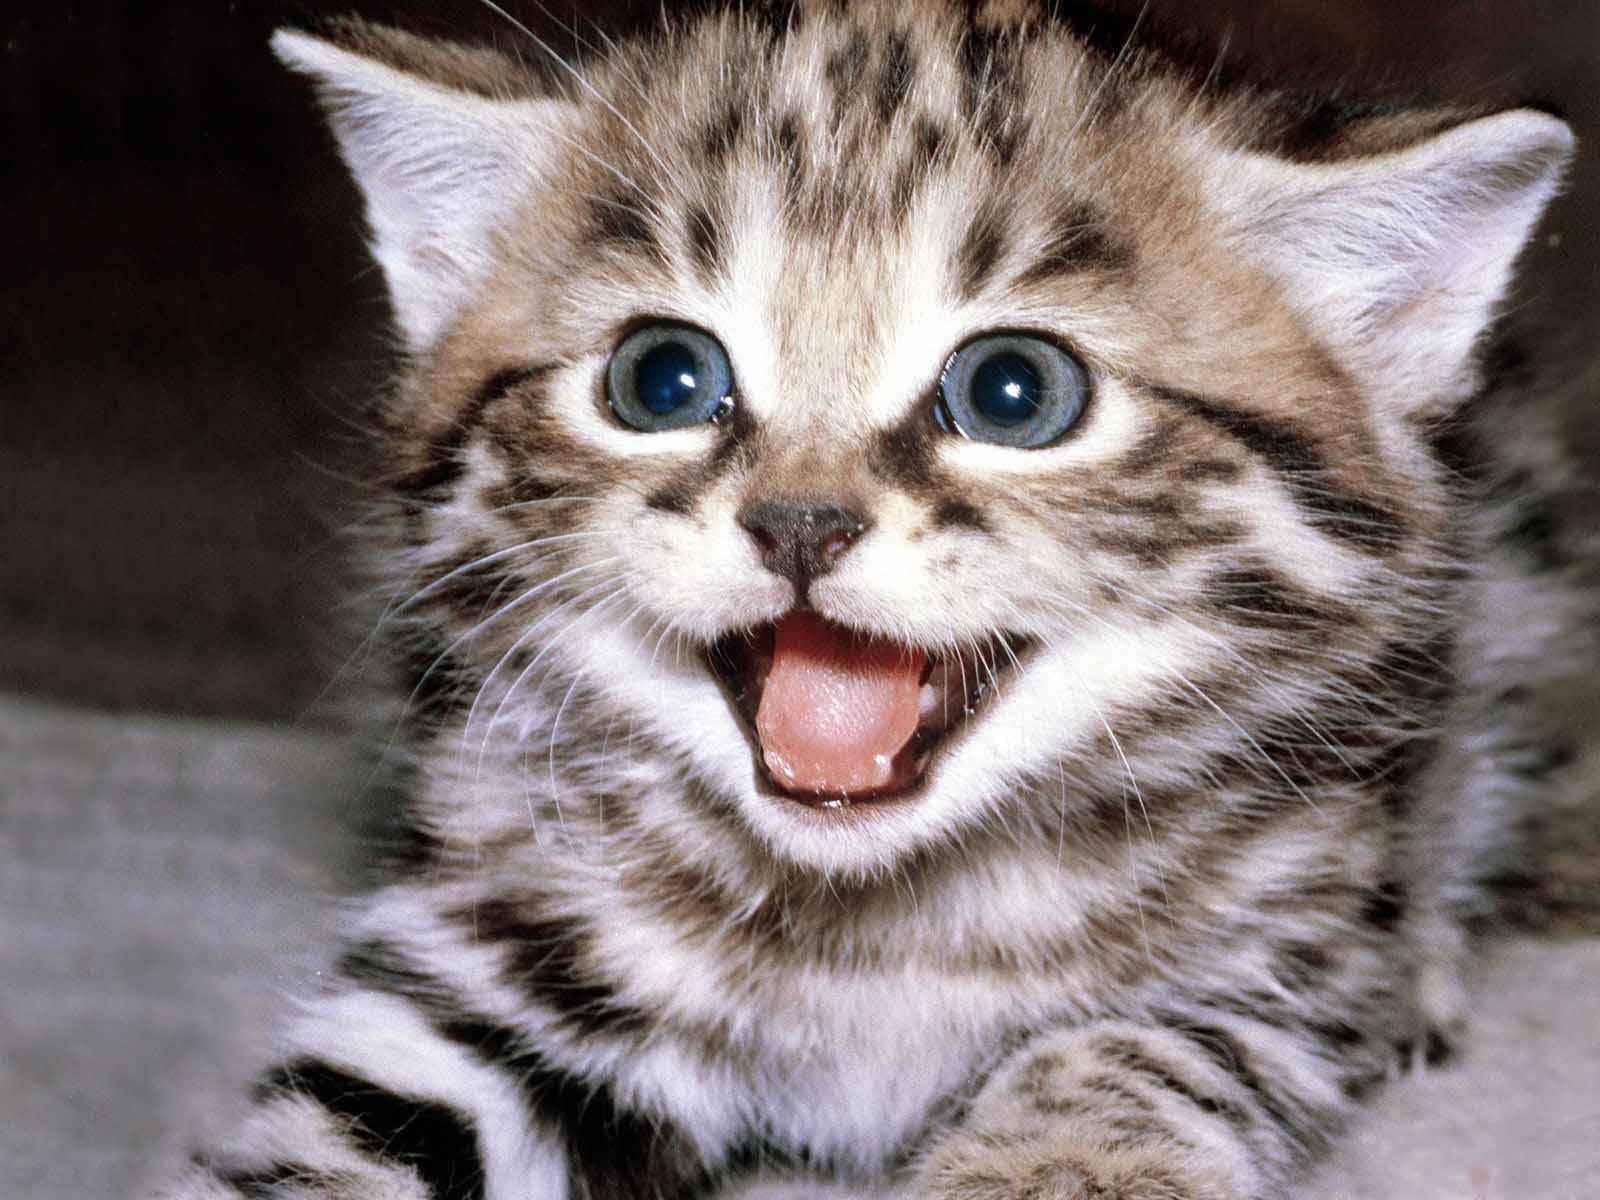 foto hewan - gambar kucing yg lucu